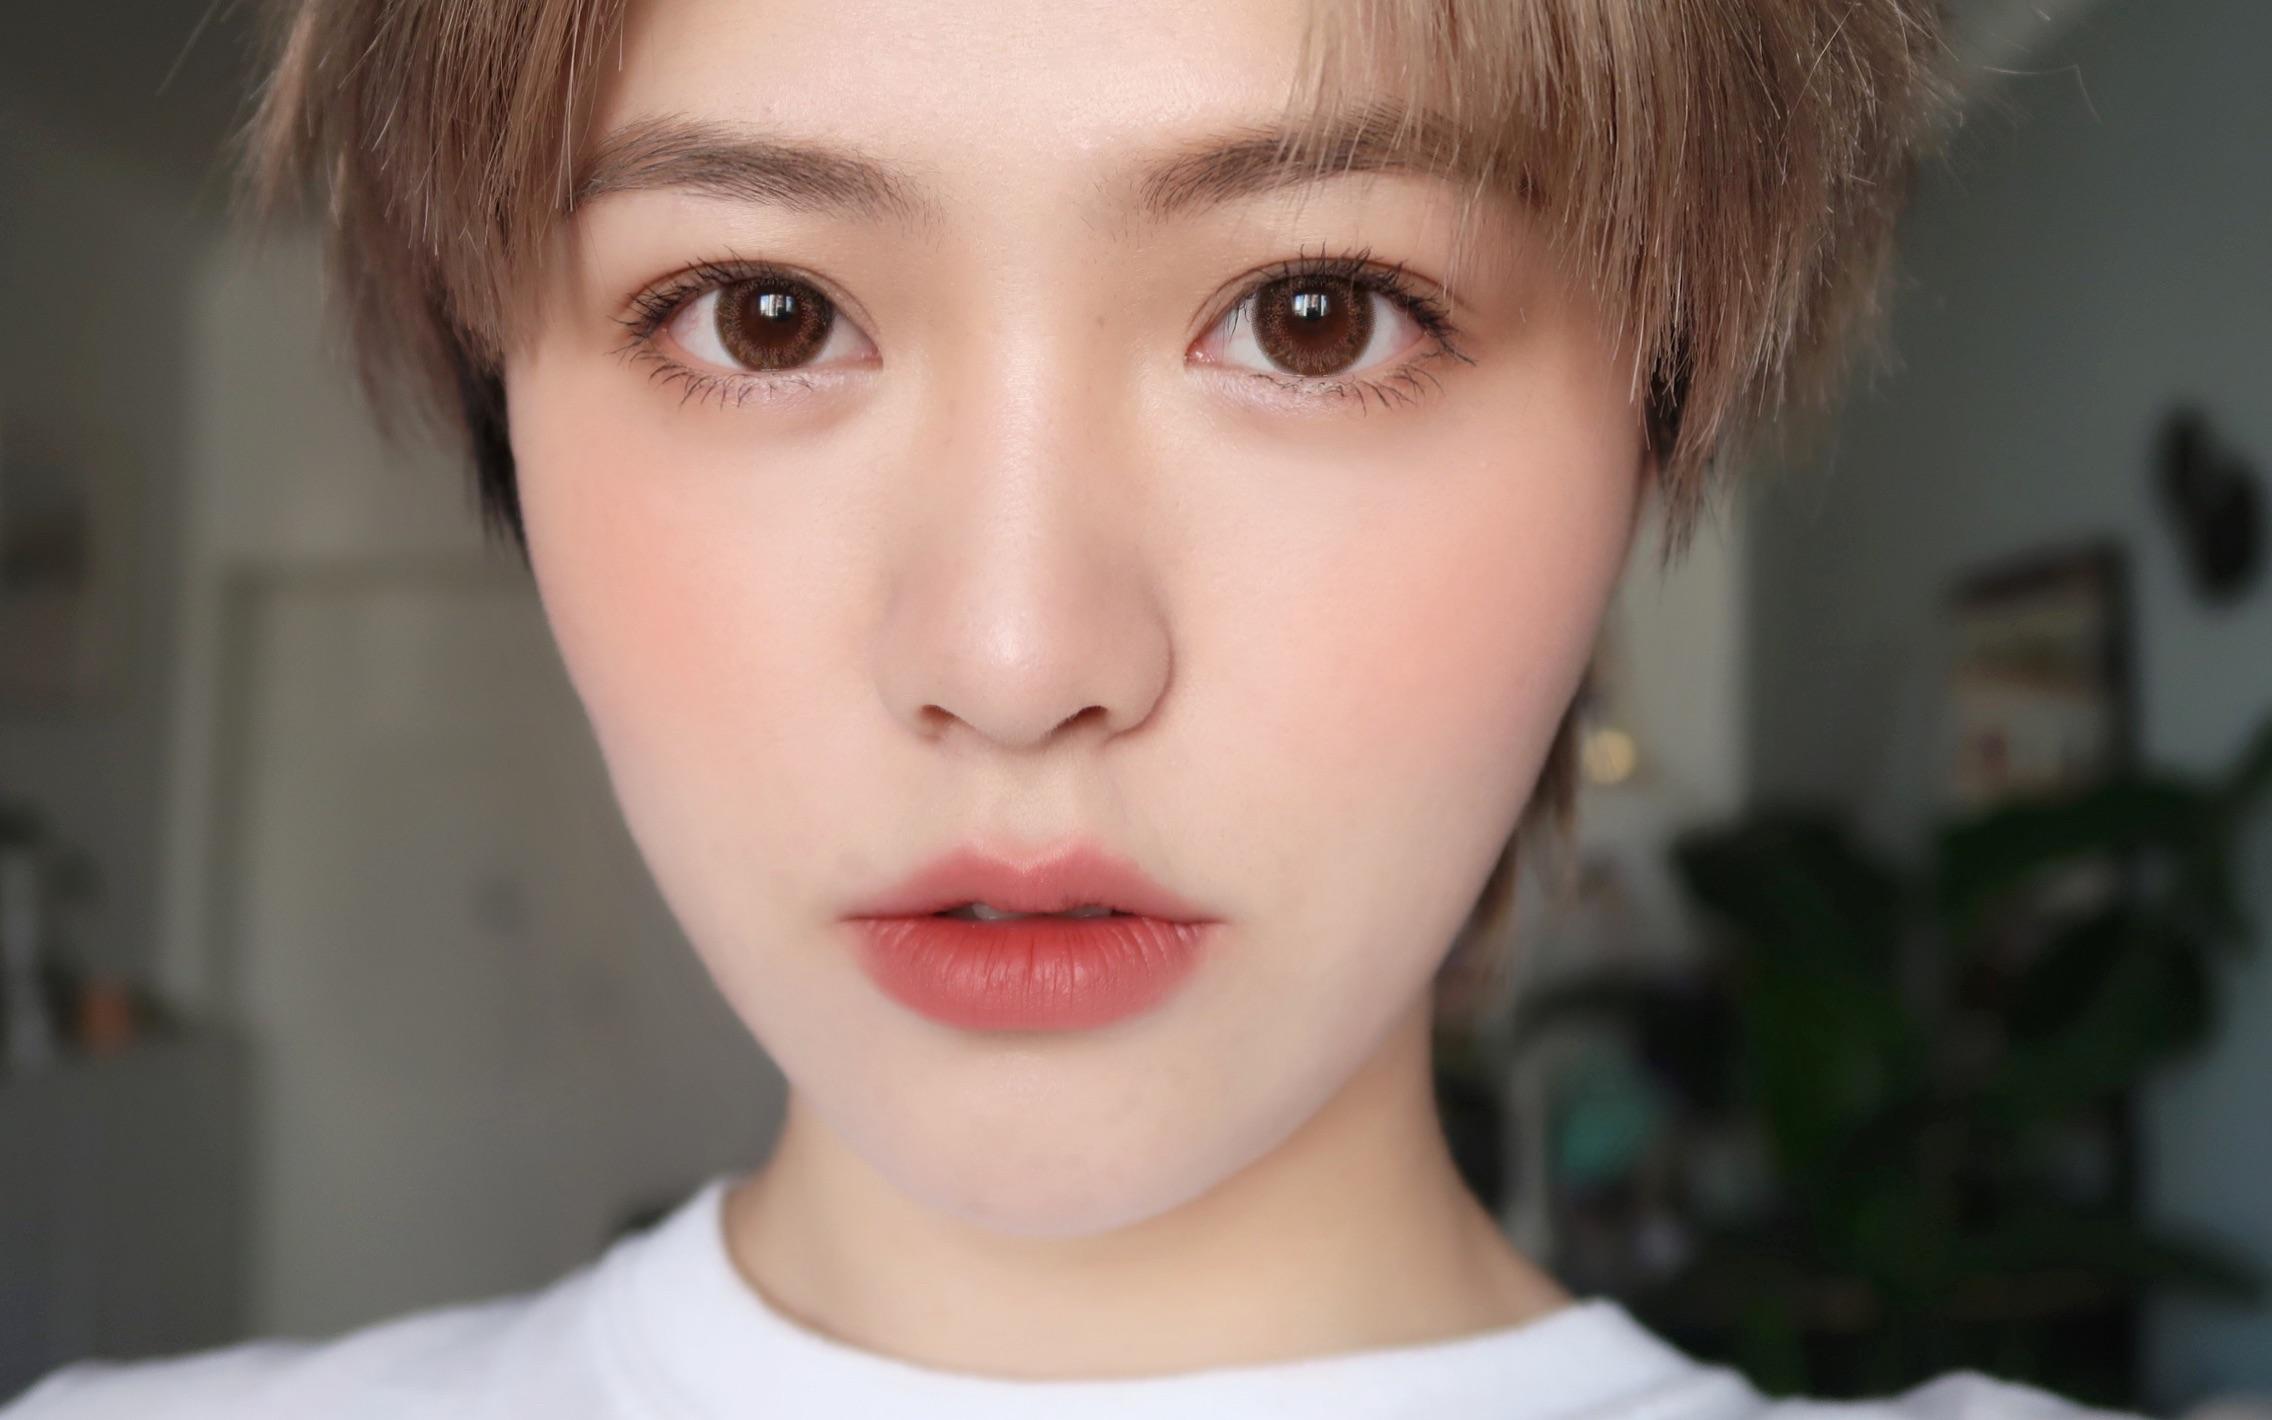 [郭享耳儿]是人间水蜜桃了!超贴肤底妆大法/伪素颜妆